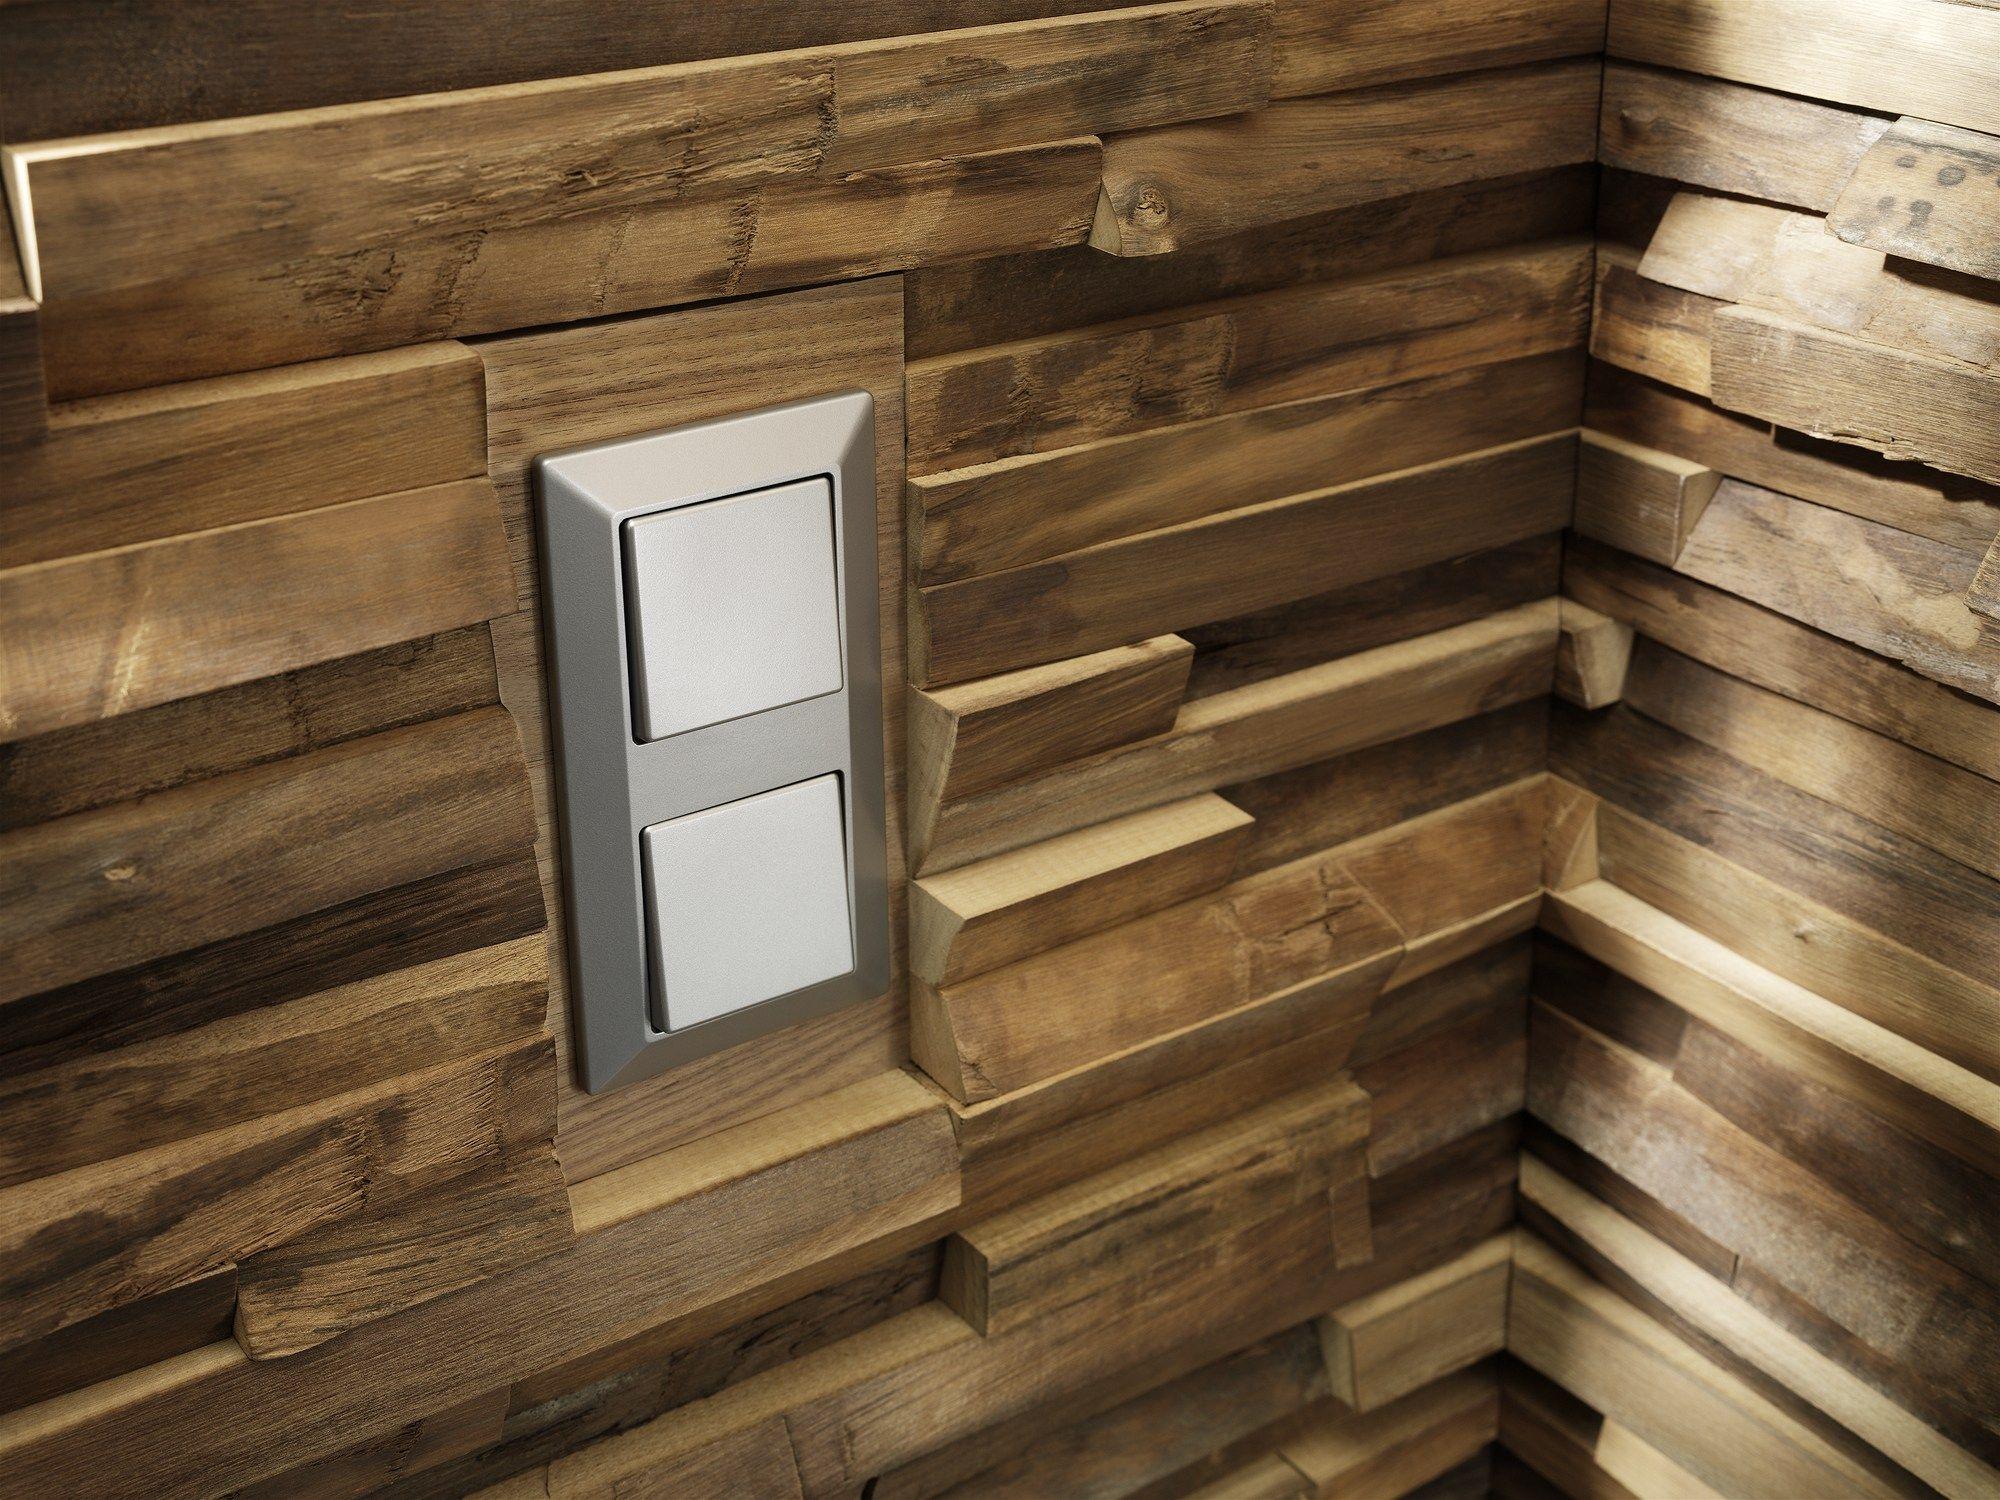 Revetement Mural Bois Interieur : Rev?tement mural 3D en bois pour int?rieur WALDKANTE by TEAM 7